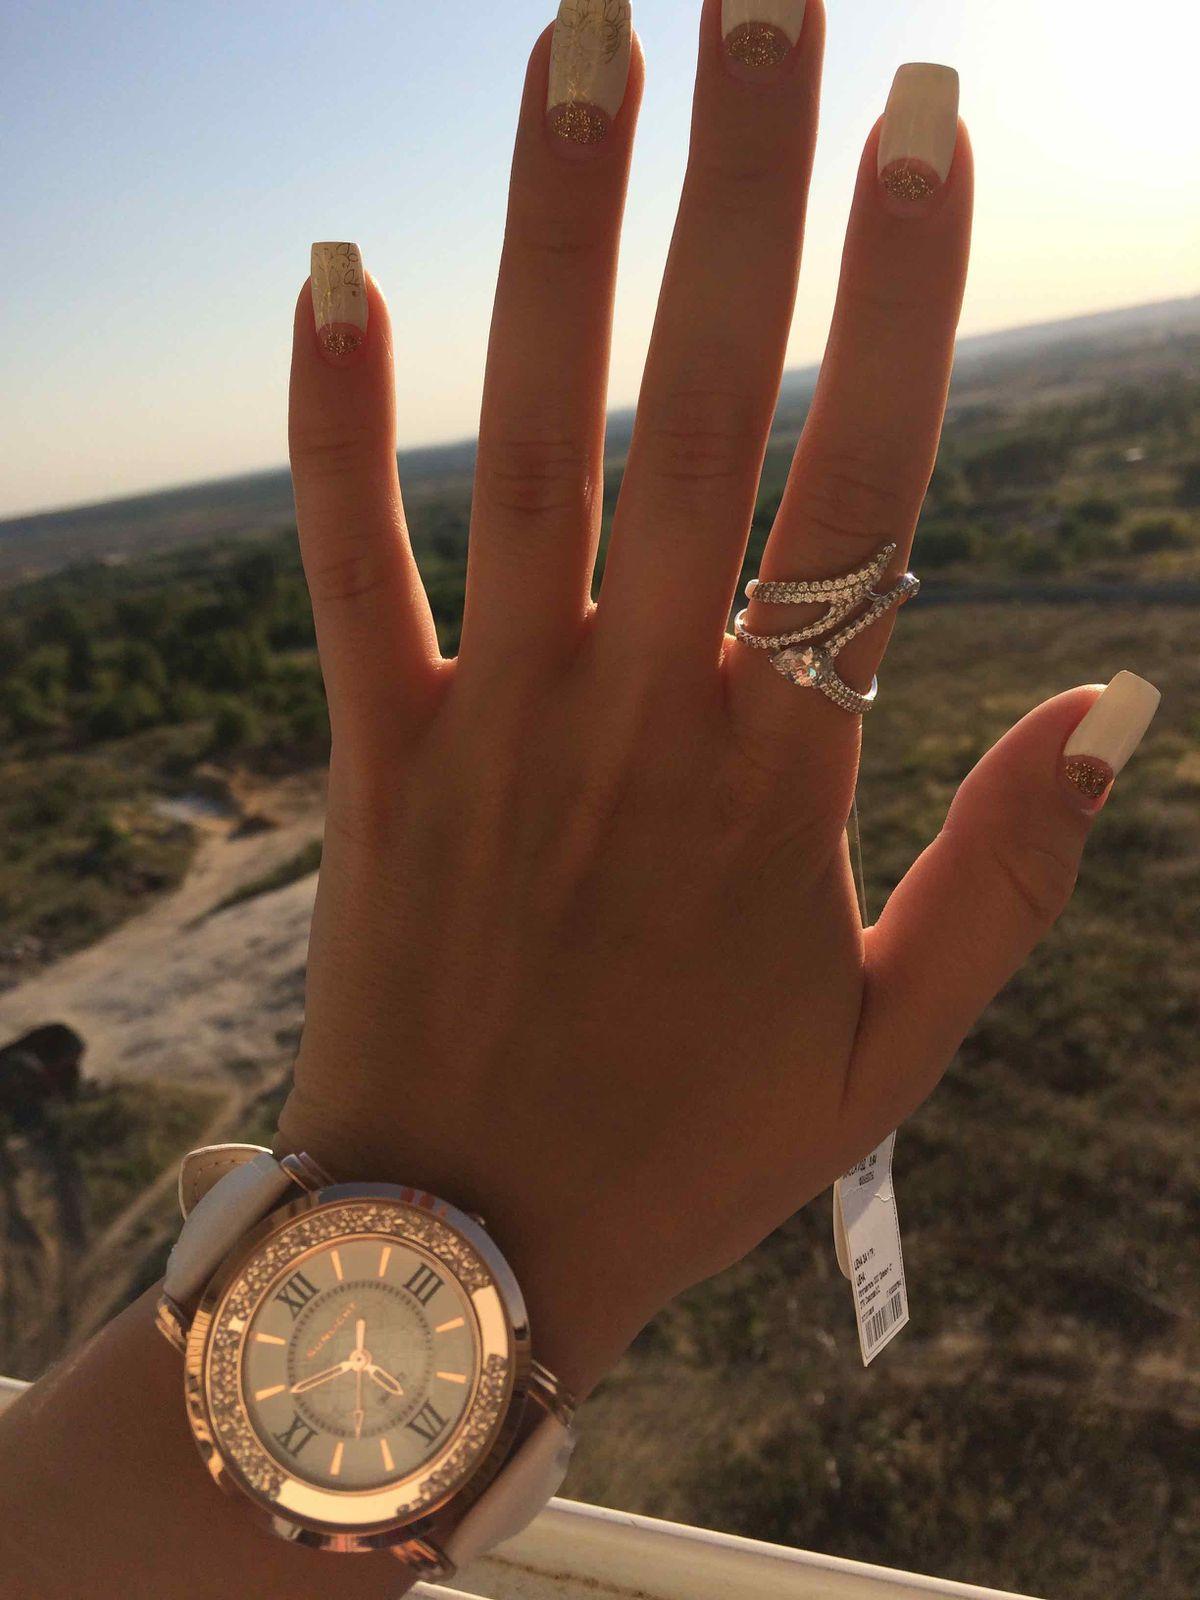 Часы очень классные,  ничего лишнего, на руке смотрятся изящно)))